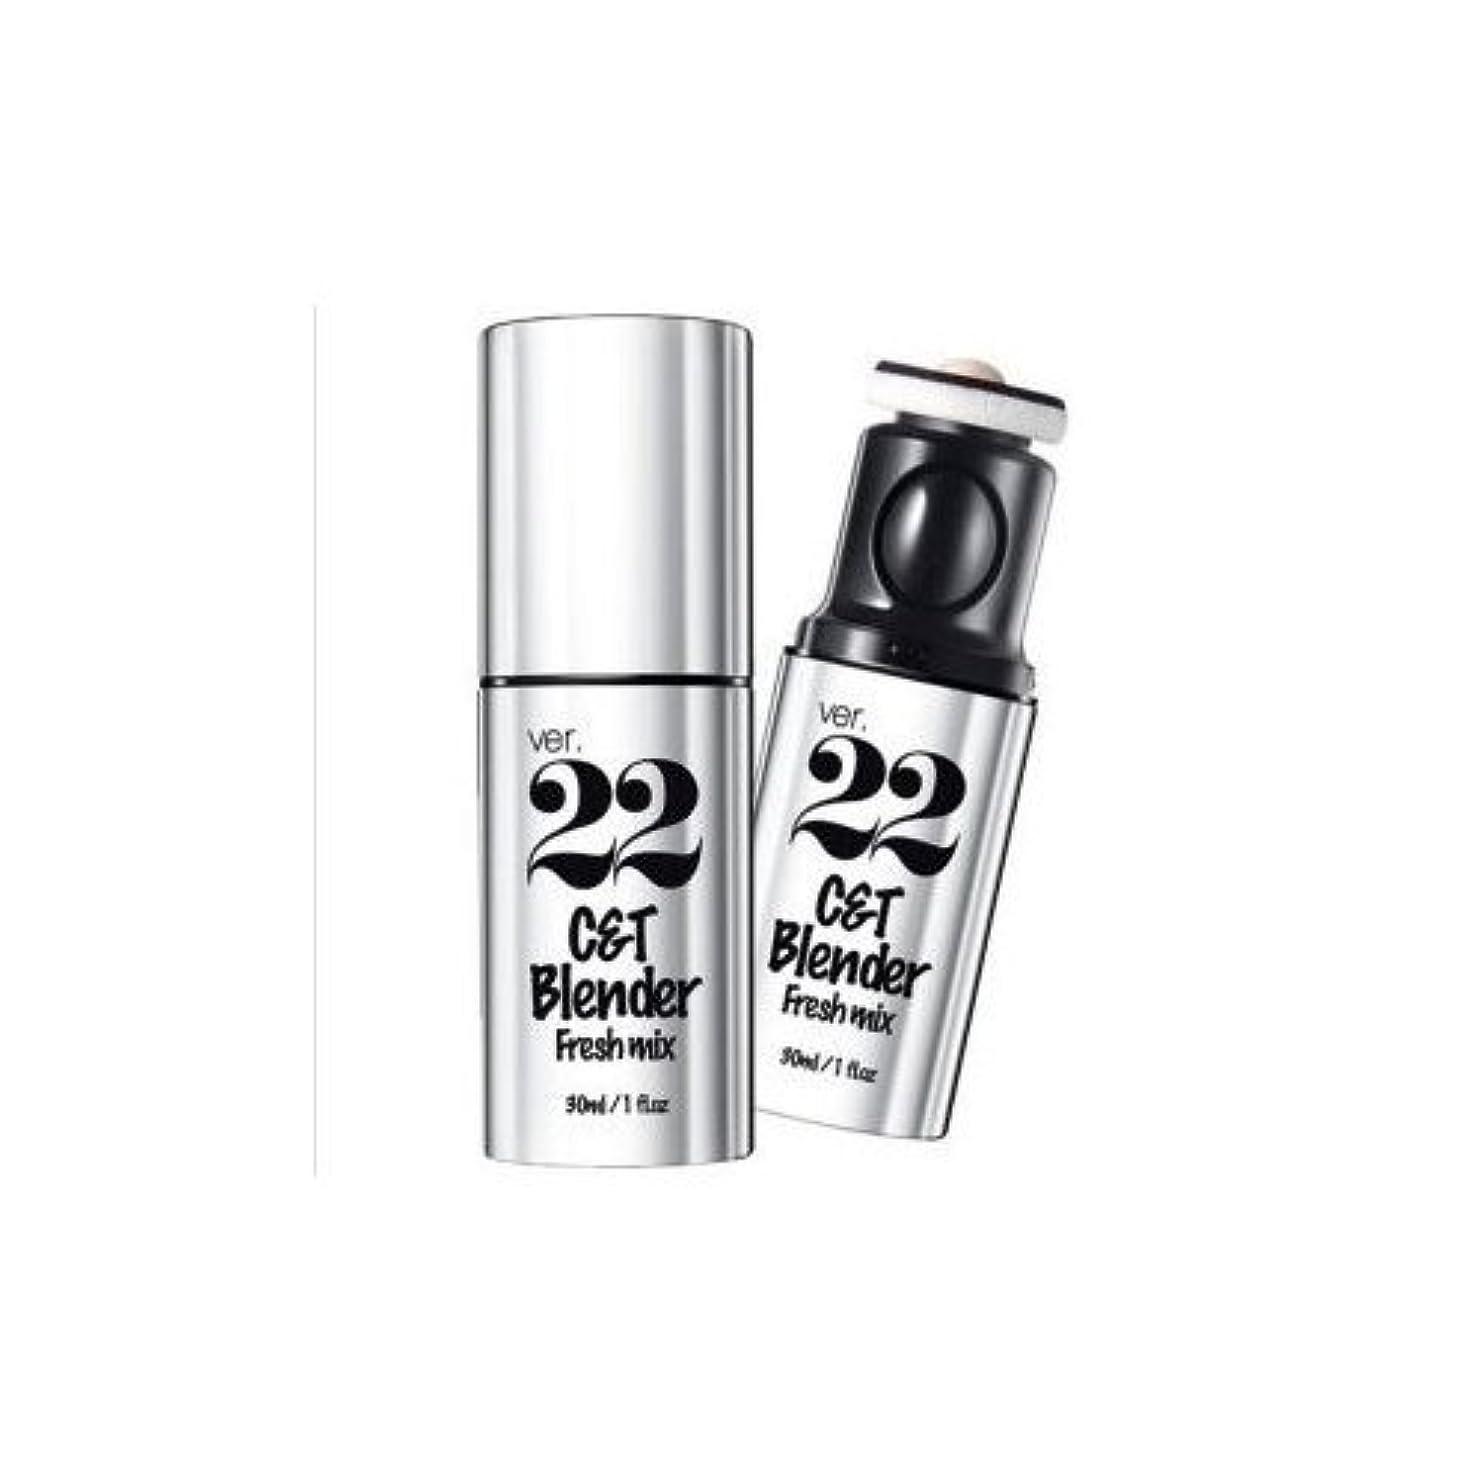 線ヤングスタジアムchosungah22 C&T Blender Fresh Mix 30ml, Capsule Foundation, #01, Korean Cosmetics